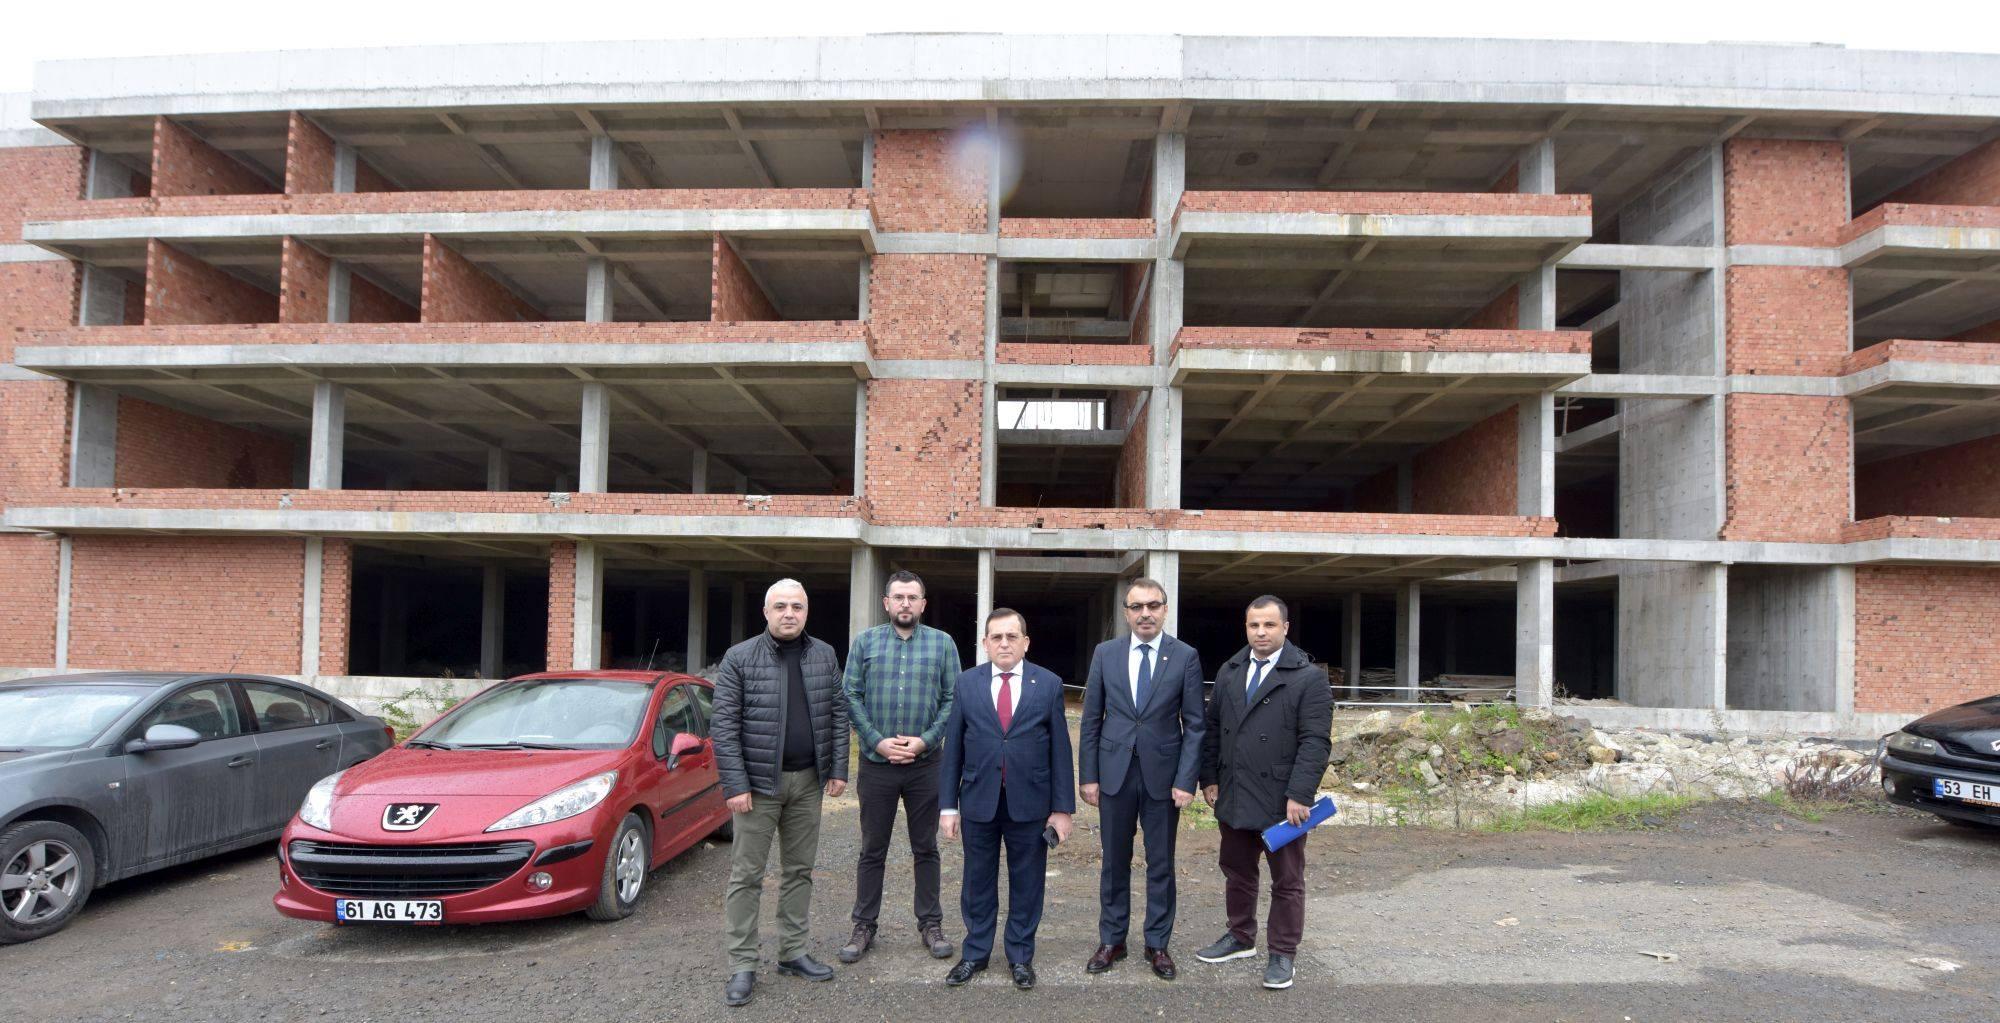 Trabzon'da İnovasyon ve Biyoteknoloji Merkezi inşaatı devam ediyor